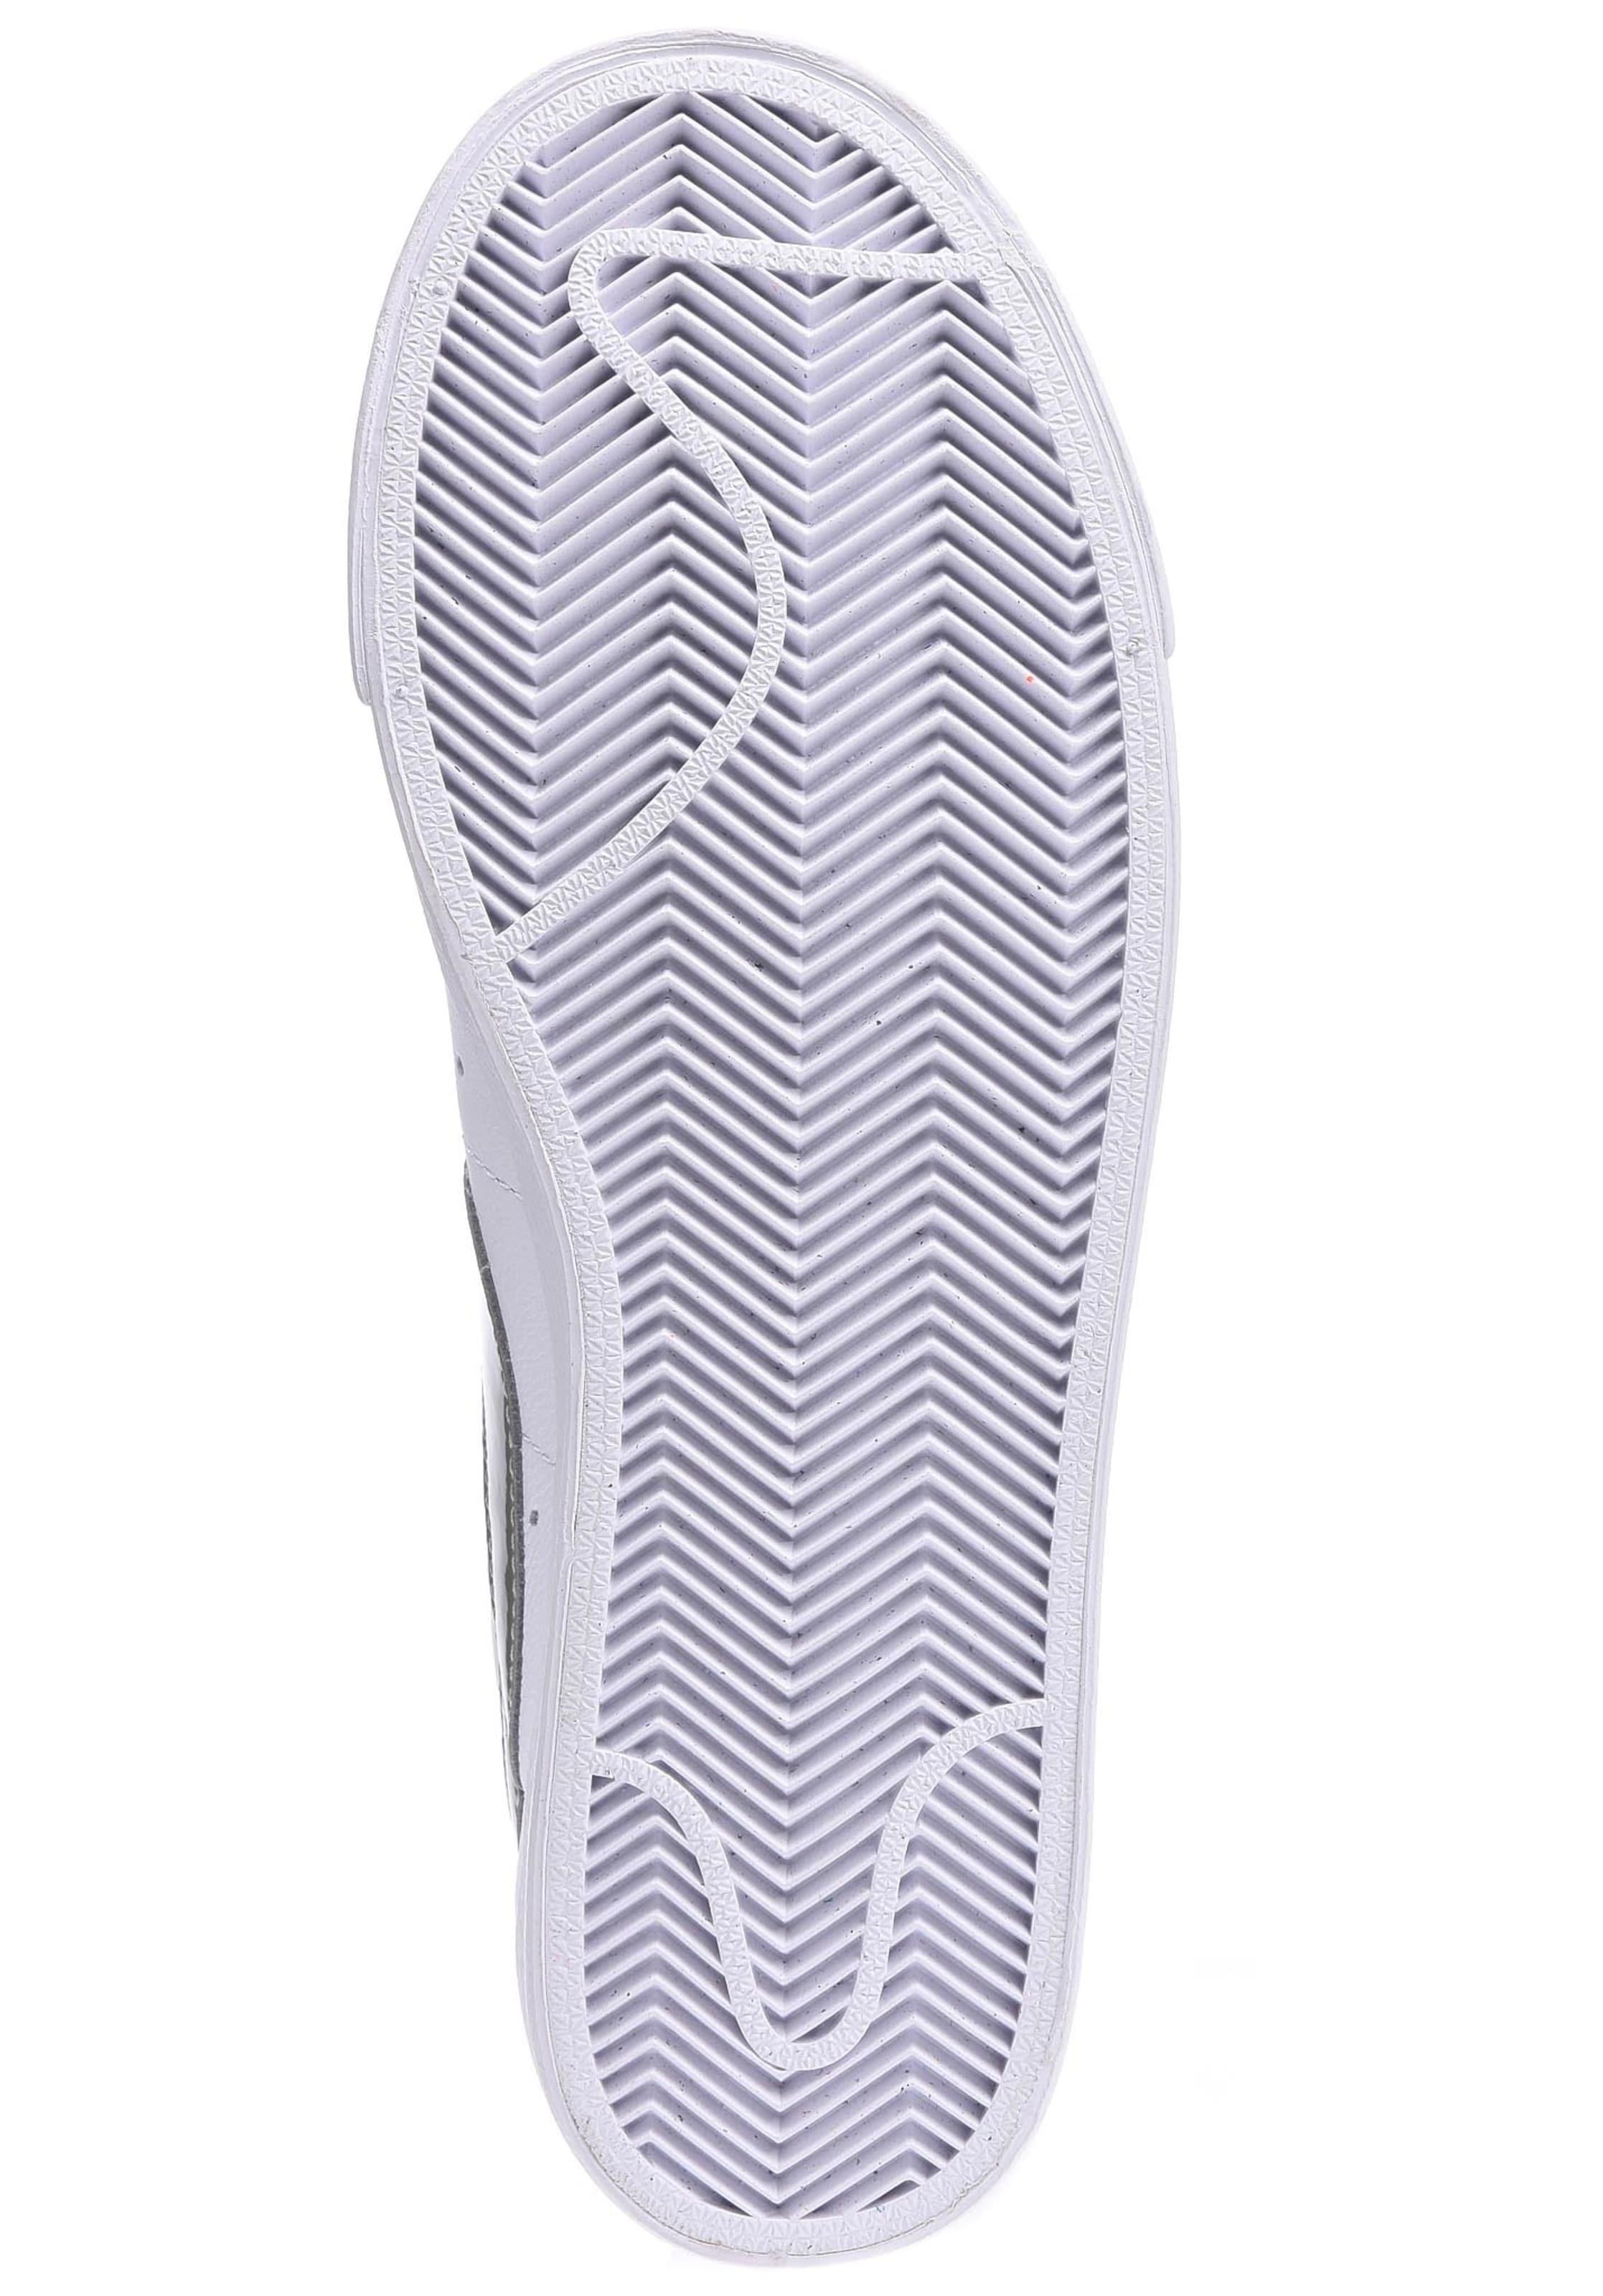 Nike Le' 'blazer Sneaker Weiß Sportswear Low In srtdhQC